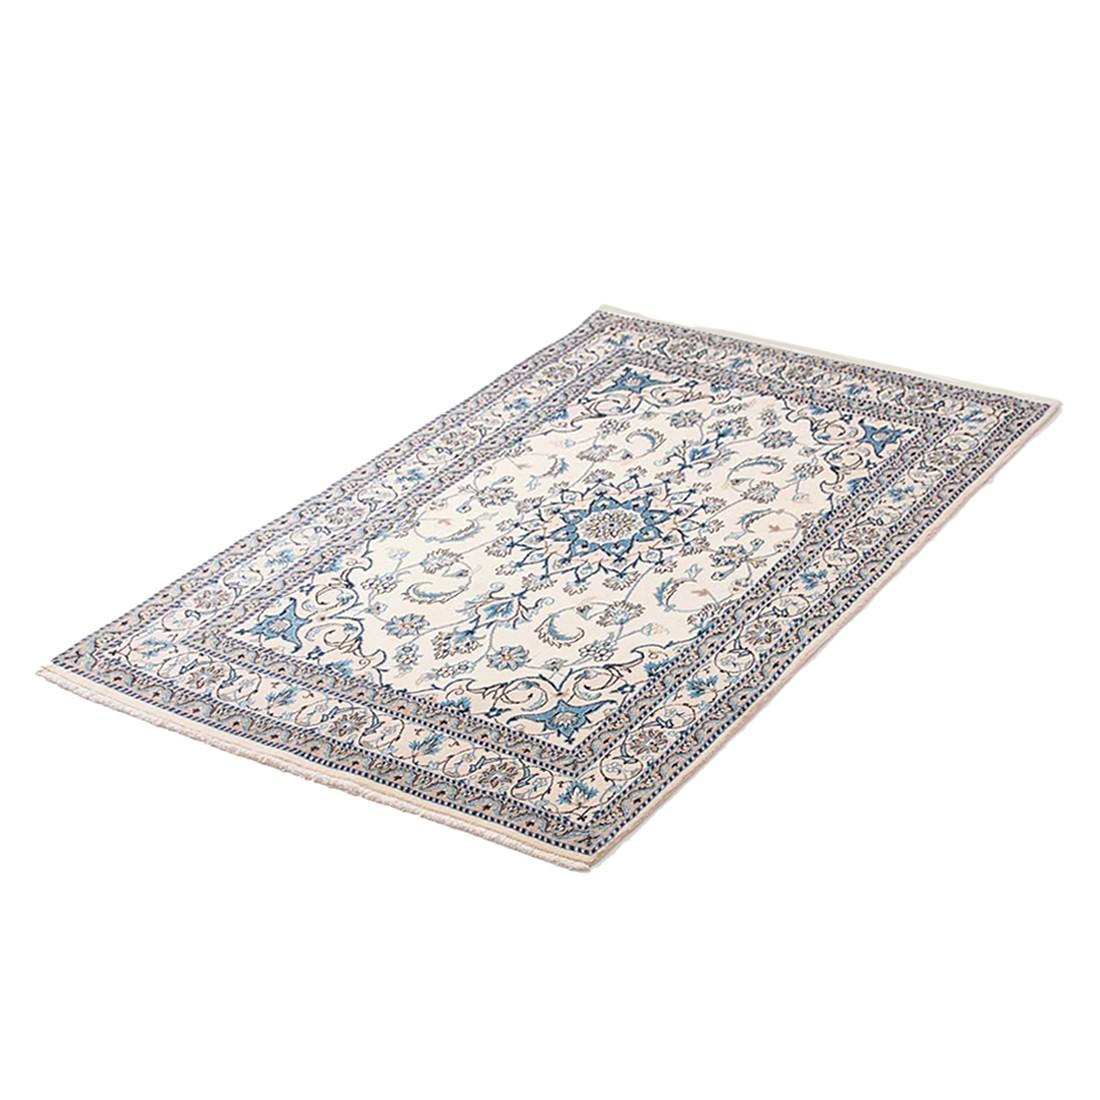 teppich khorasan nain beige reine schurwolle 120 x 200 cm parwis jetzt kaufen. Black Bedroom Furniture Sets. Home Design Ideas